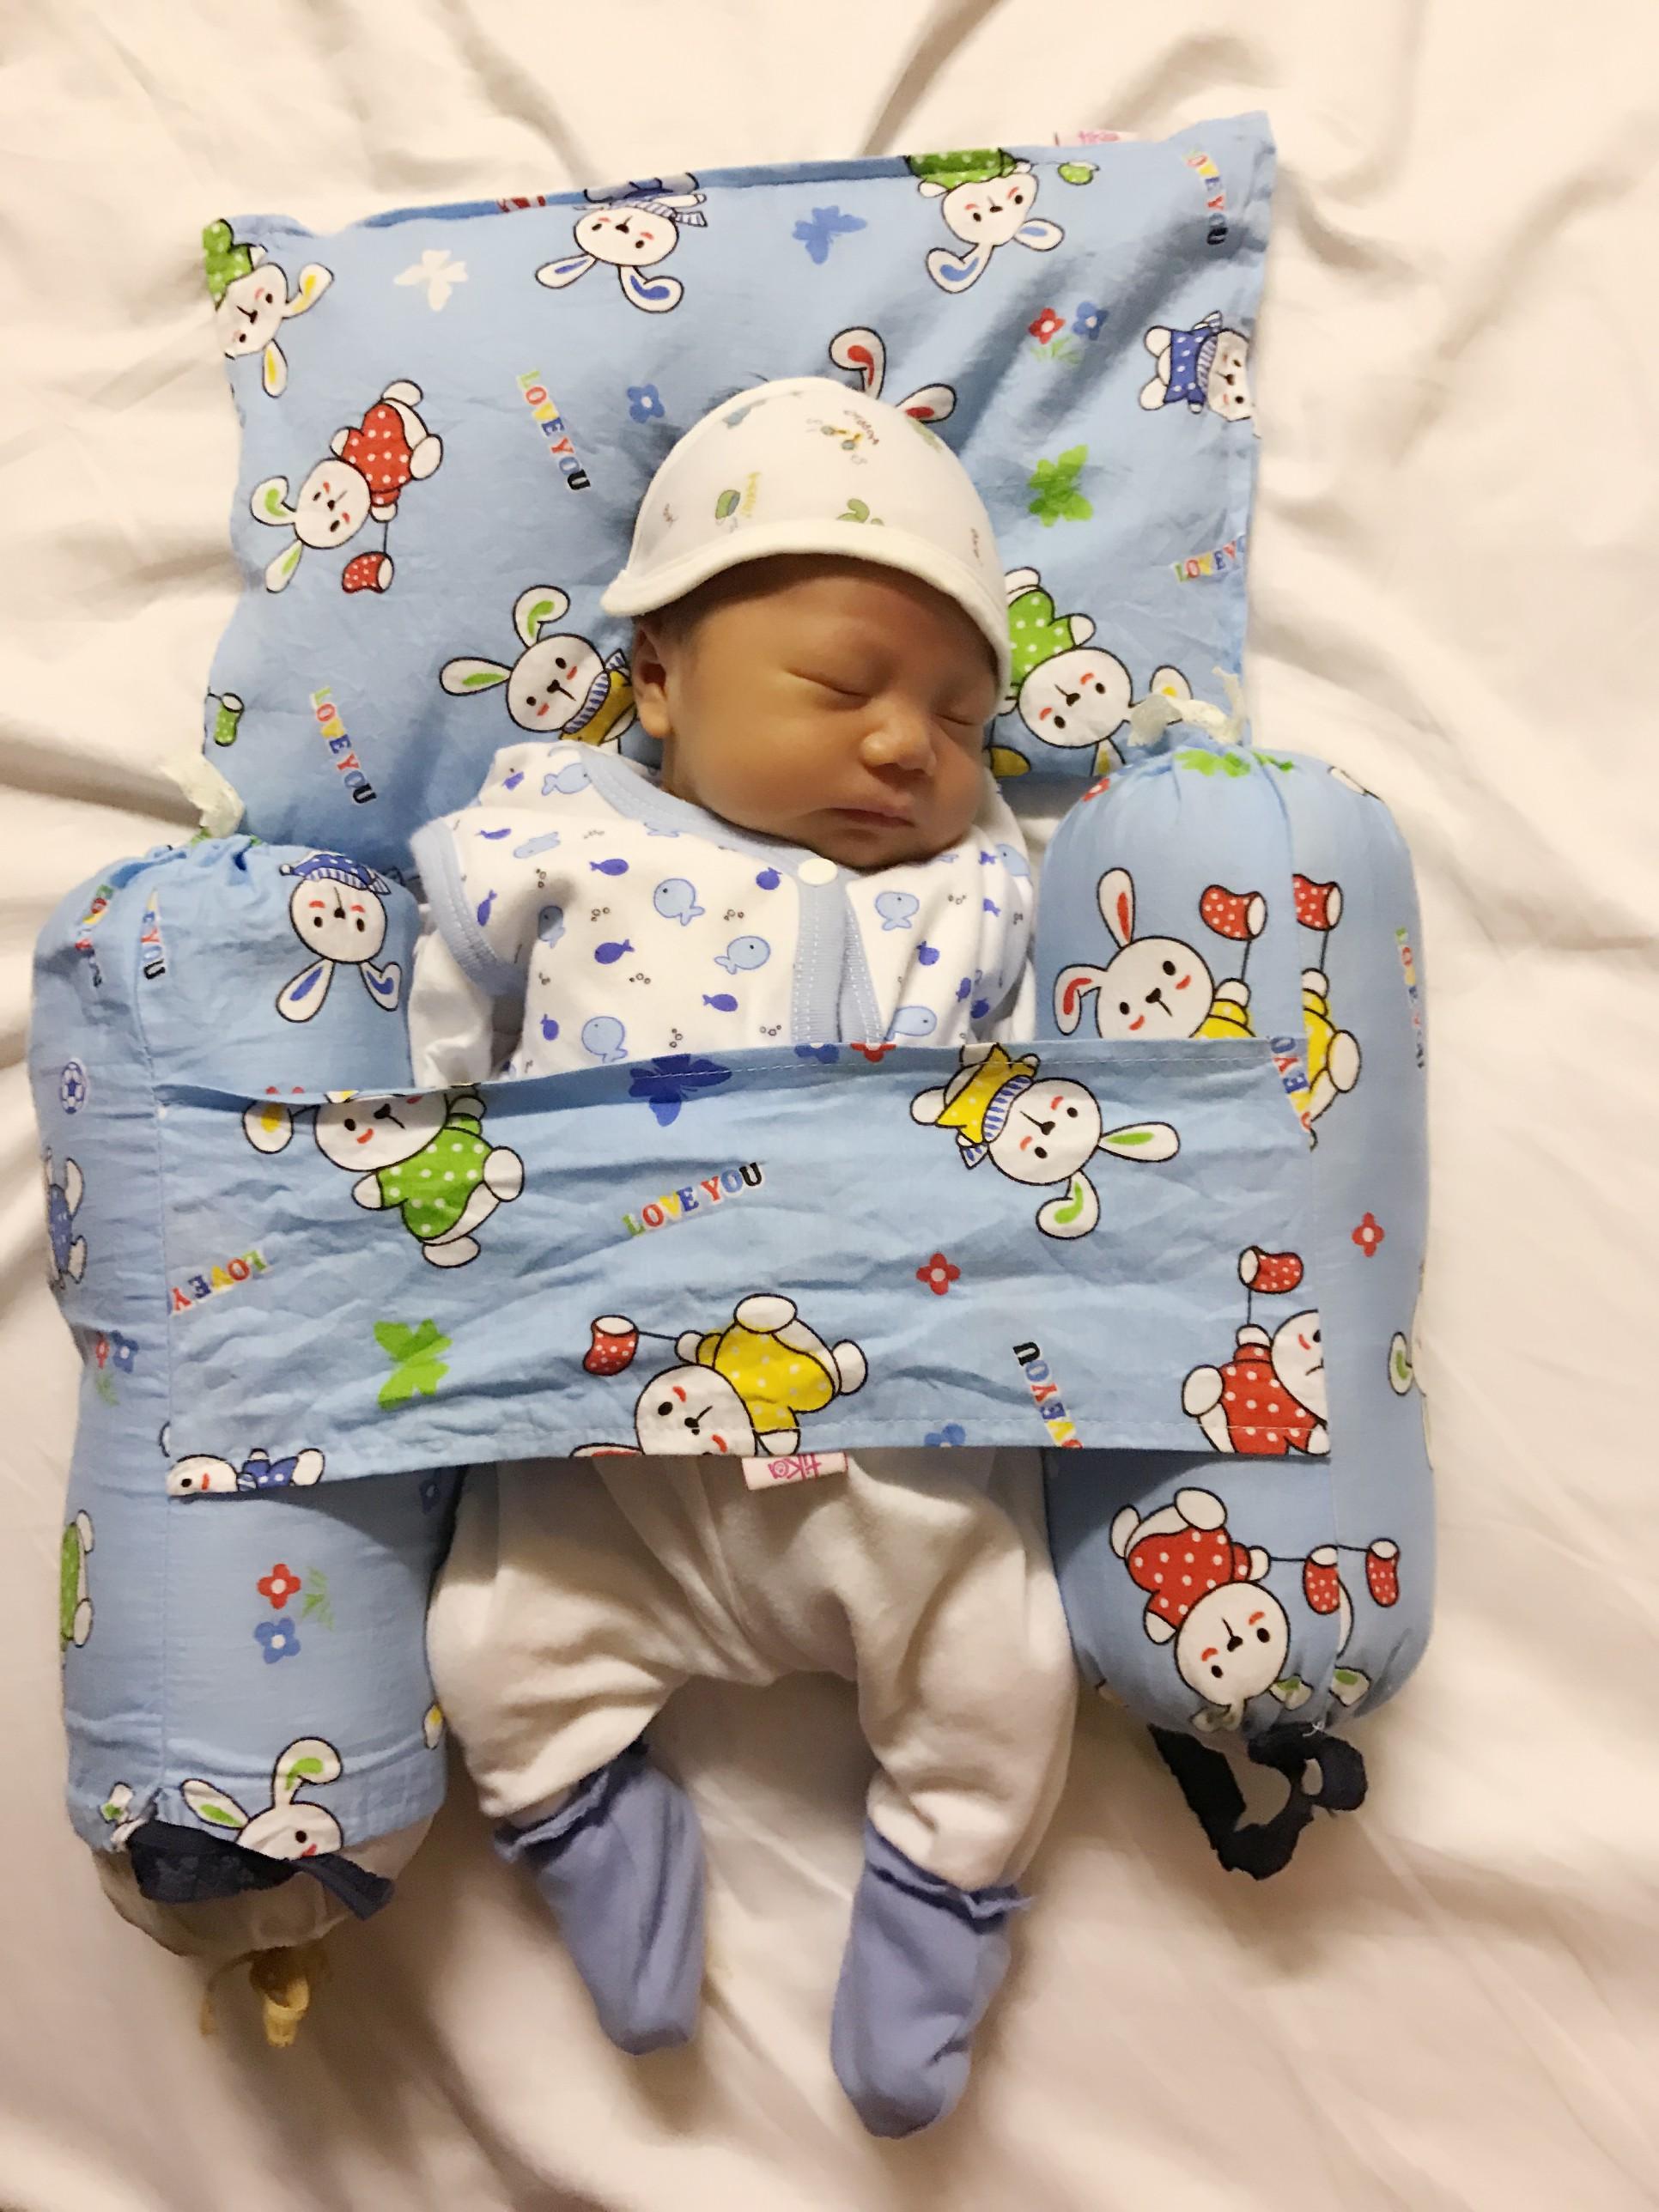 Luyện ngủ cho con từ khi mới lọt lòng, ông bố MC cùng con vi vu đi du lịch và cho bé ngủ bất kỳ đâu cũng được - Ảnh 4.